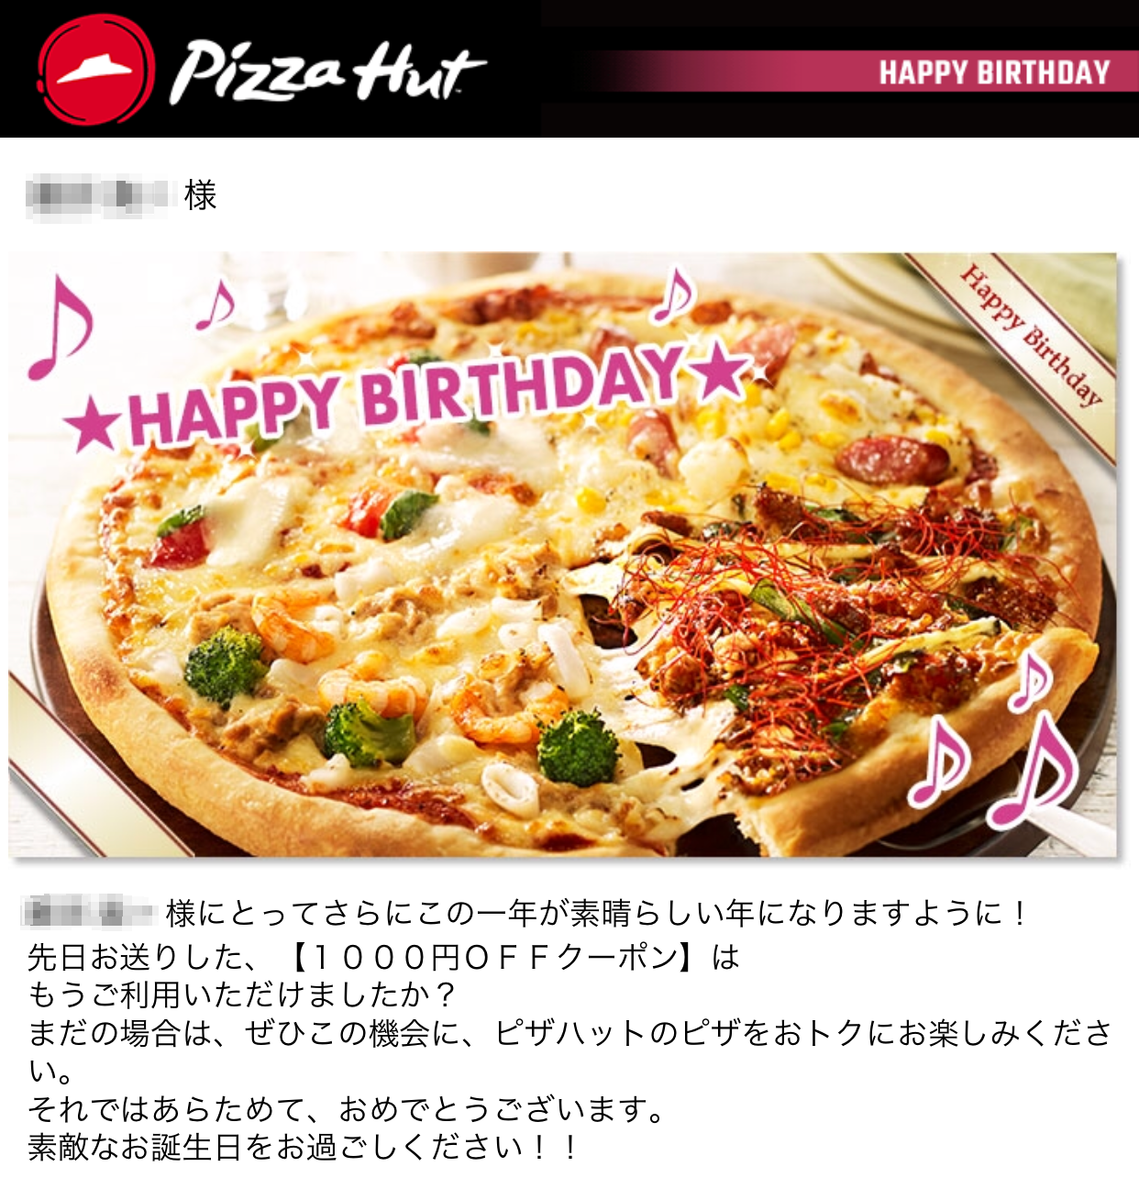 ピザハット 誕生日